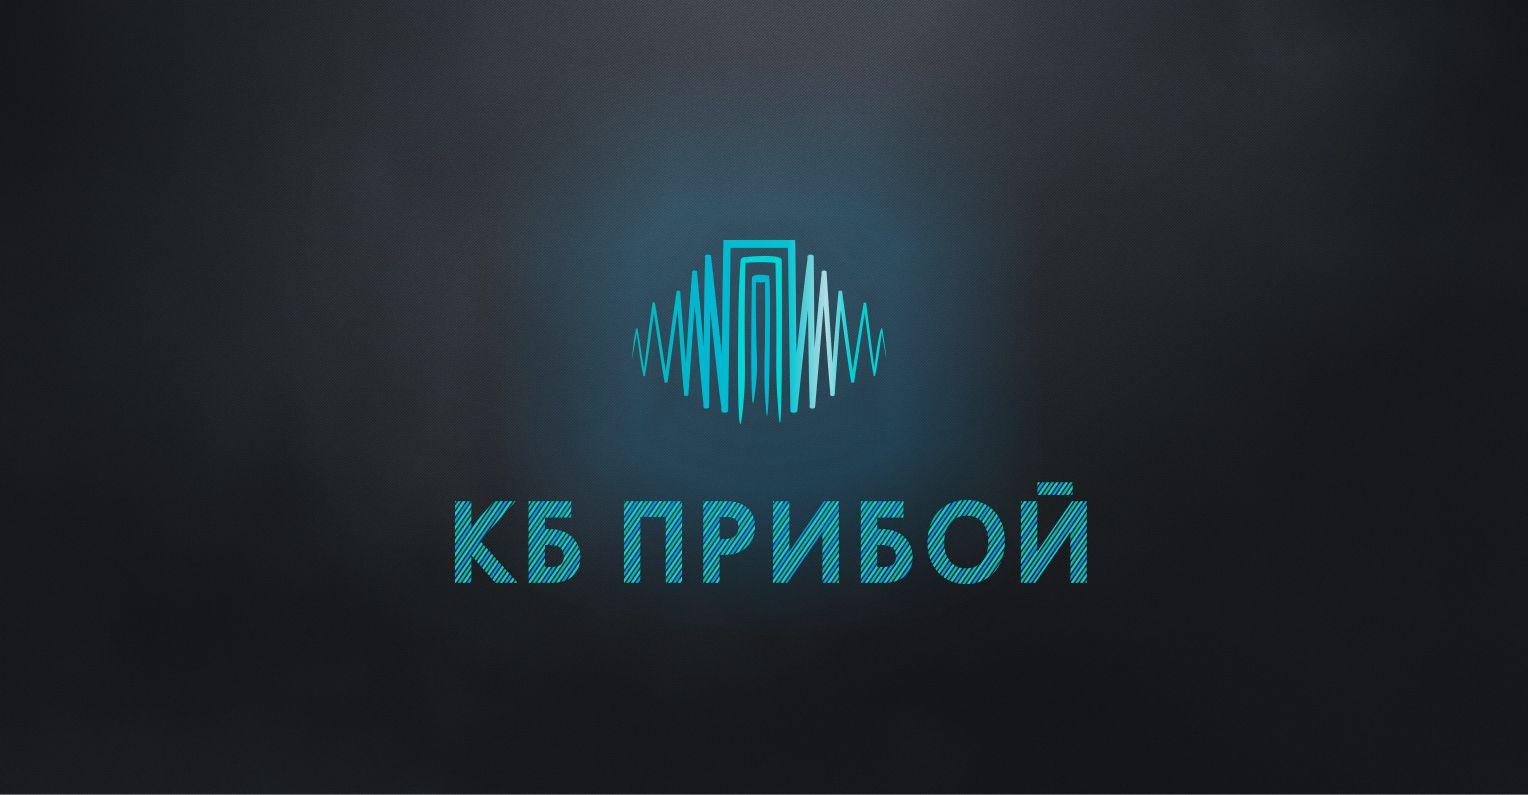 Разработка логотипа и фирменного стиля для КБ Прибой фото f_9495b2a2c4e45932.jpg